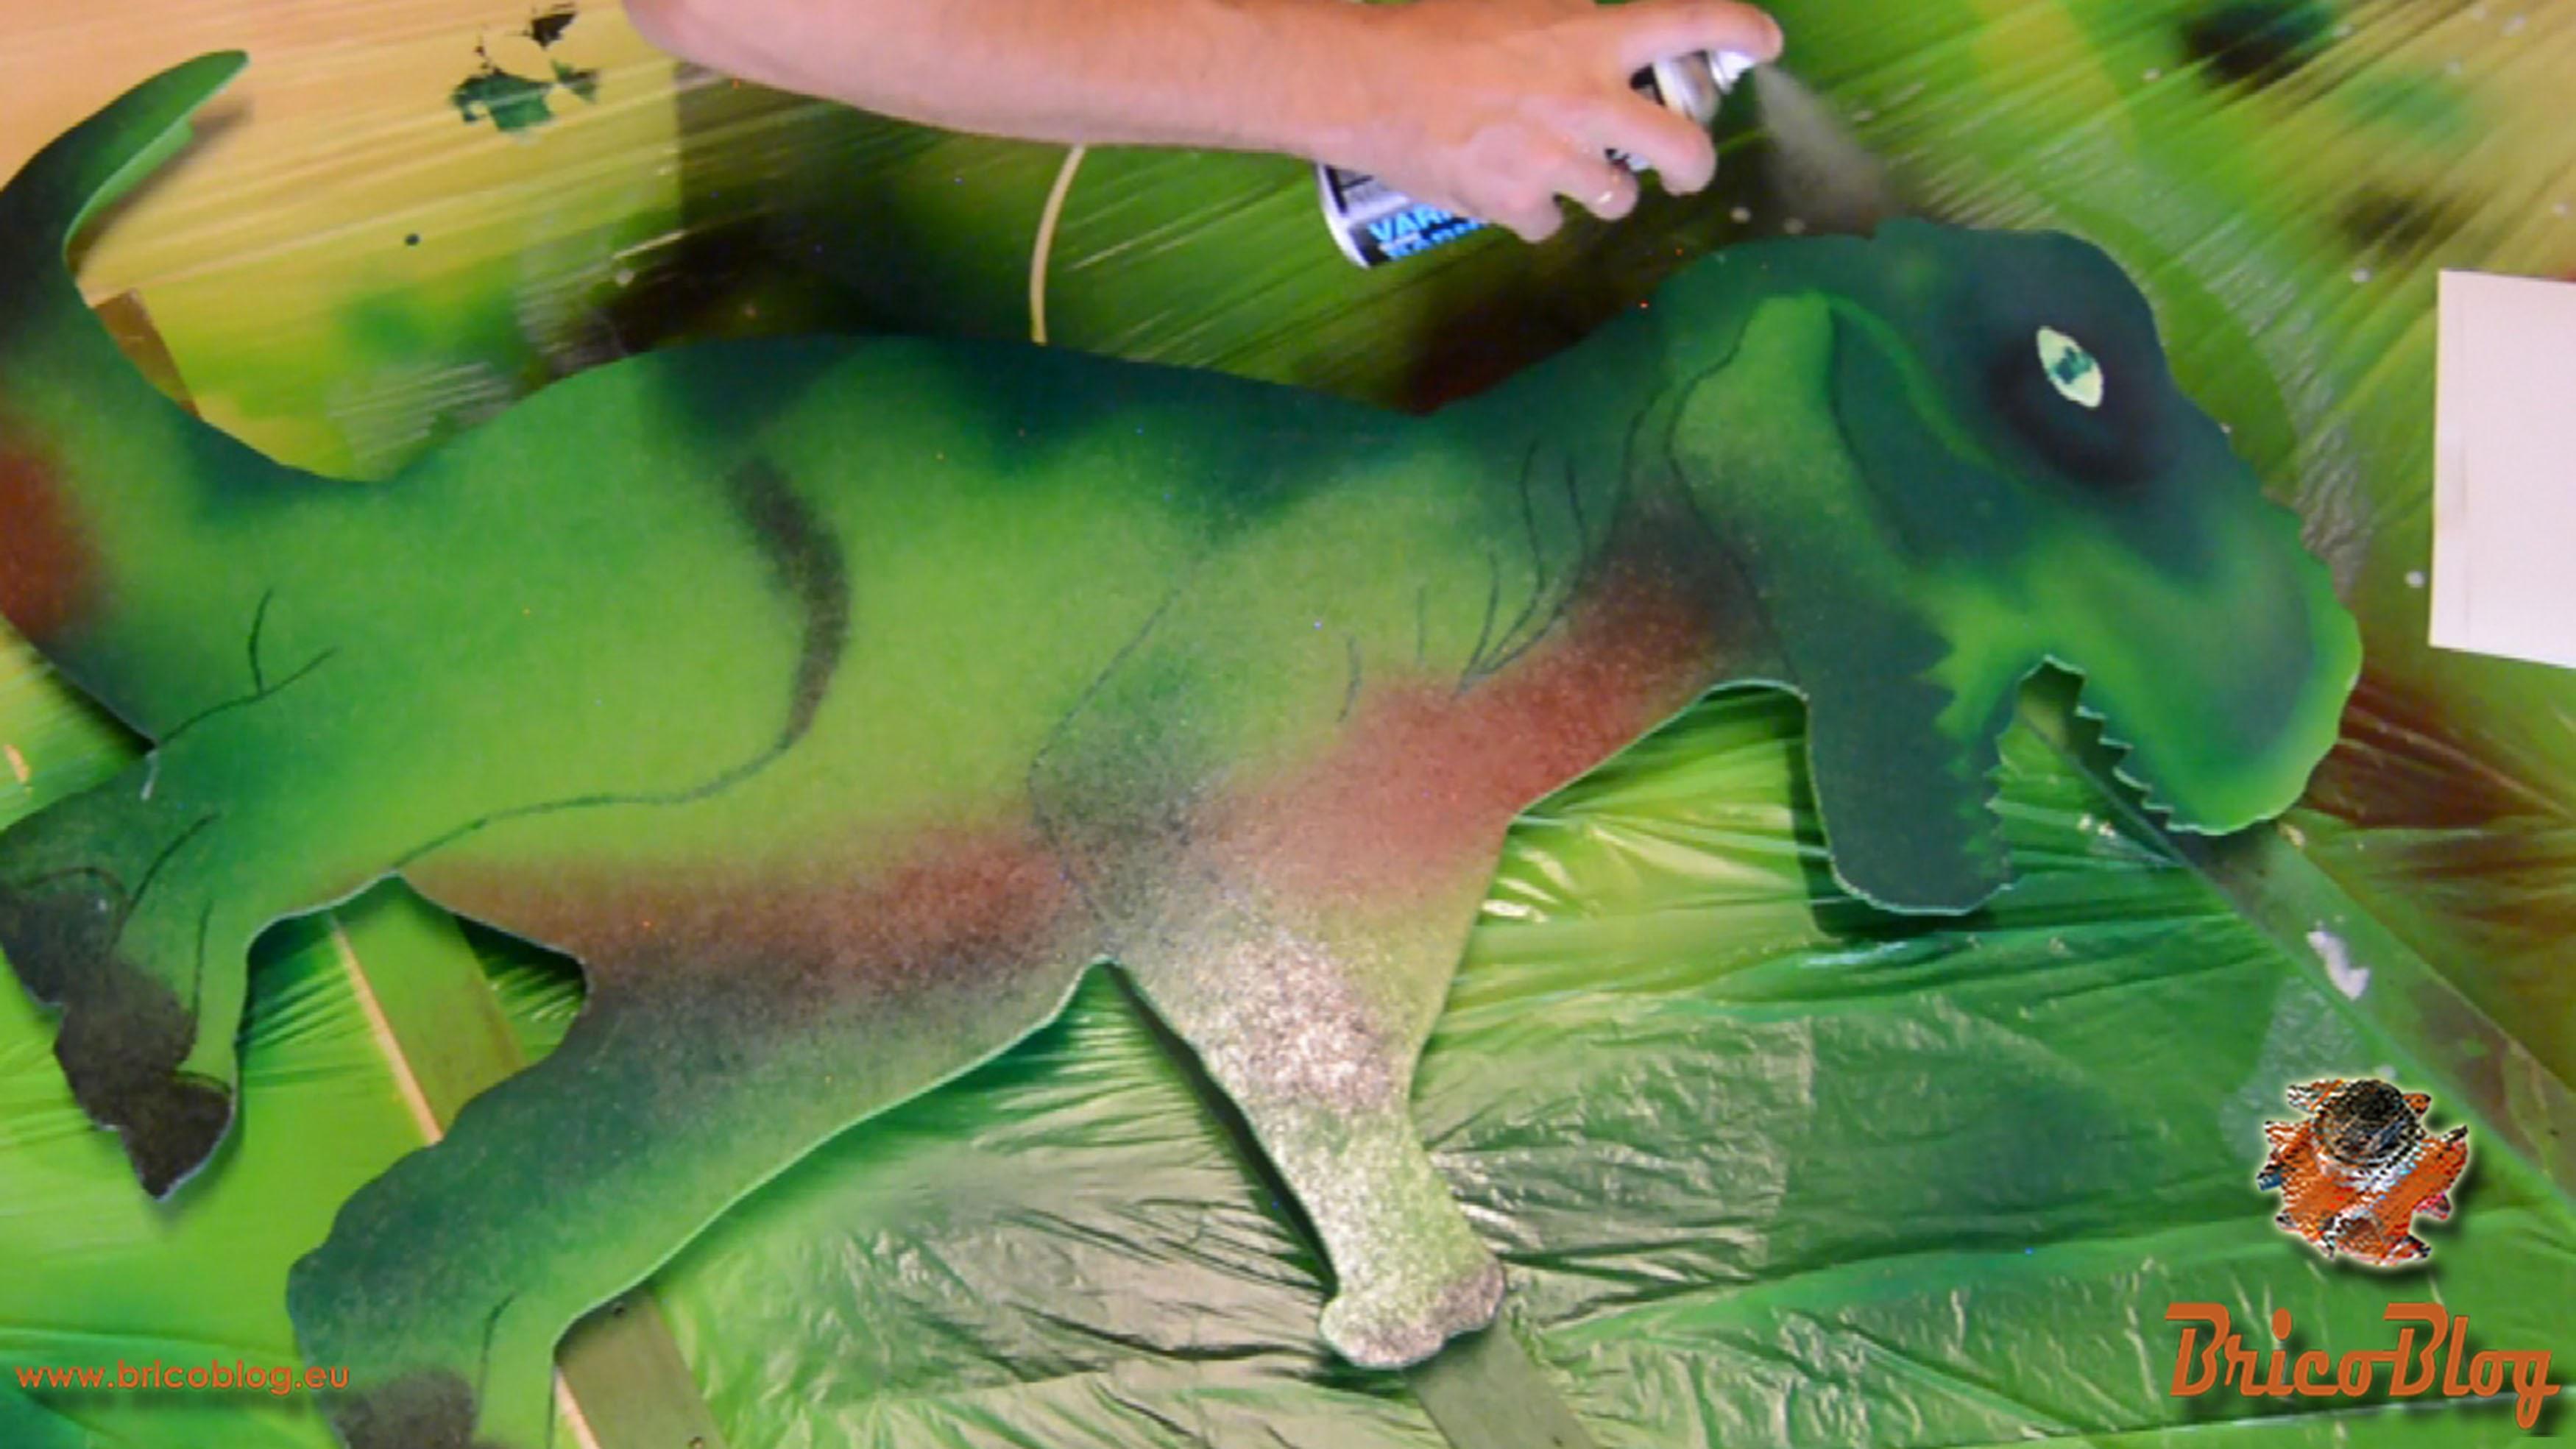 Dinosaurio decorativo infantil retroiluminado 16